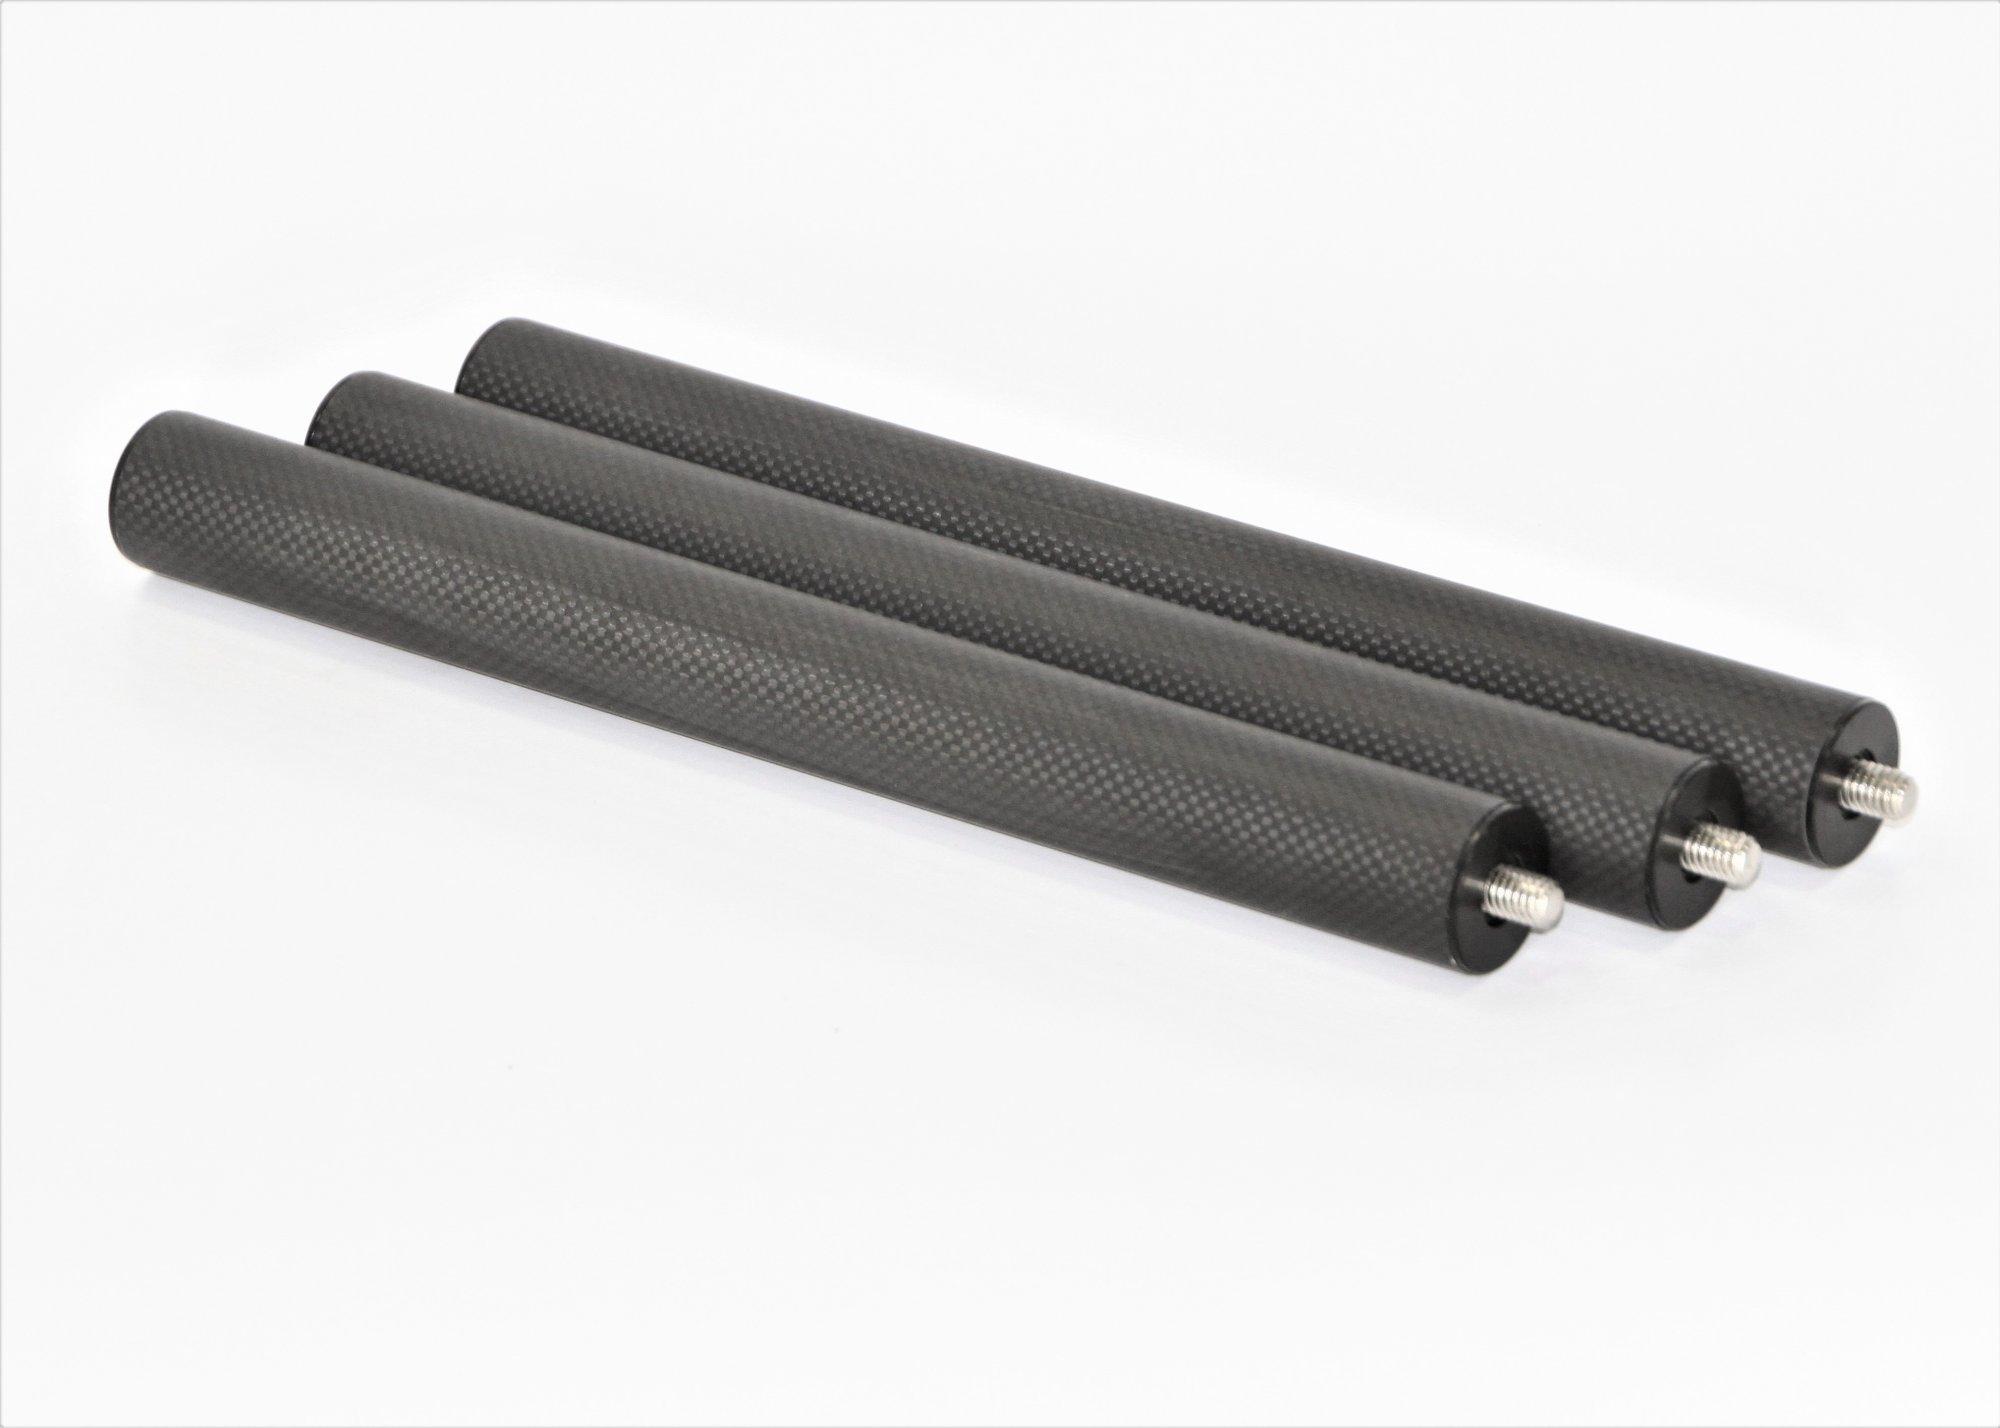 12 Leg Extension, 3 Pack, 32mm Carbon Fiber